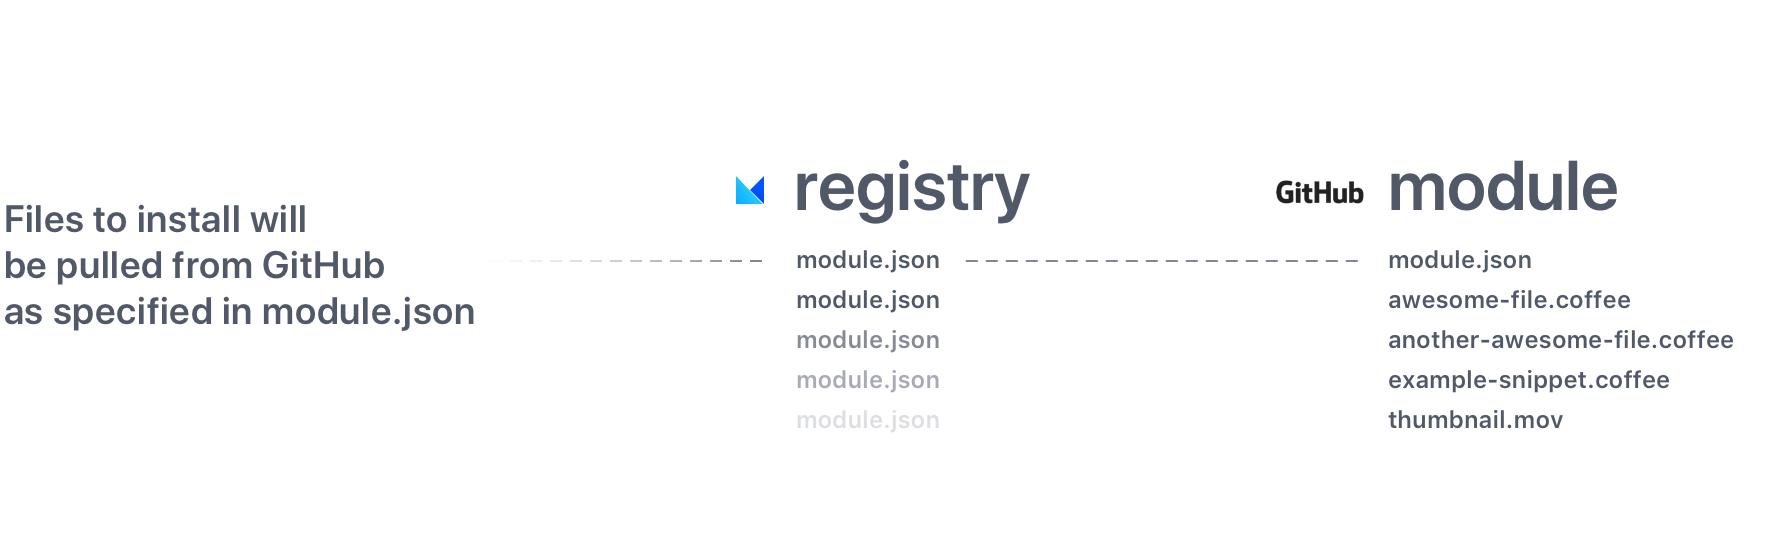 Modules Hosting Scheme